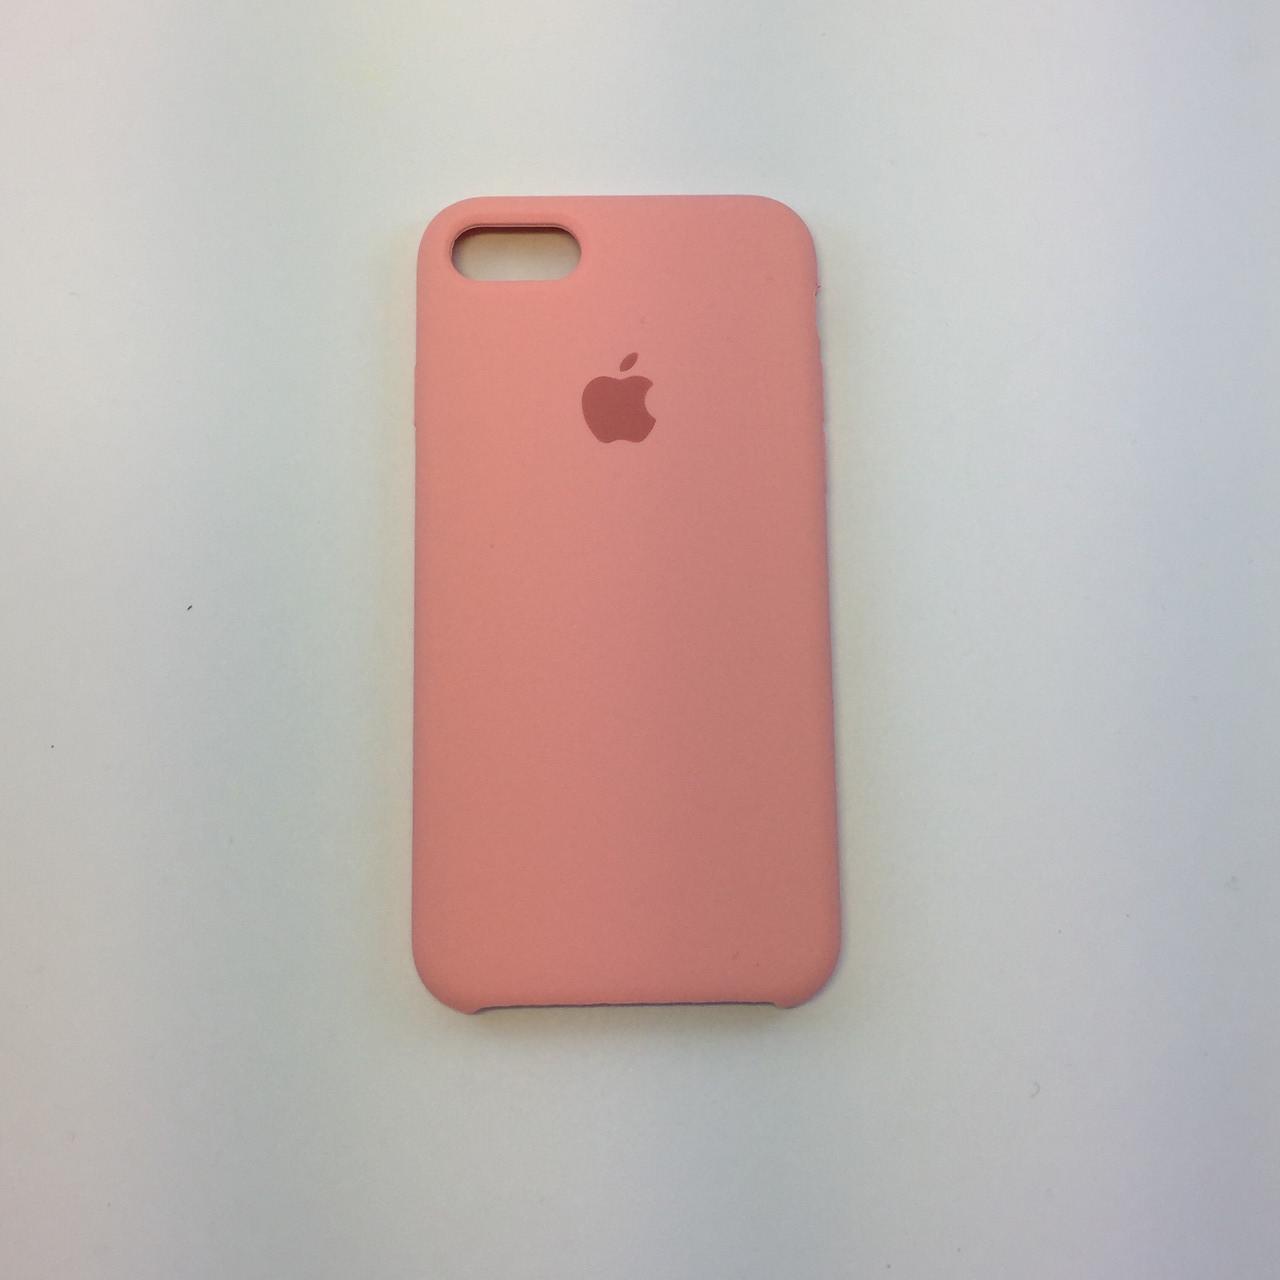 Силиконовый чехол iPhone 8, нежно-розовый, copy original